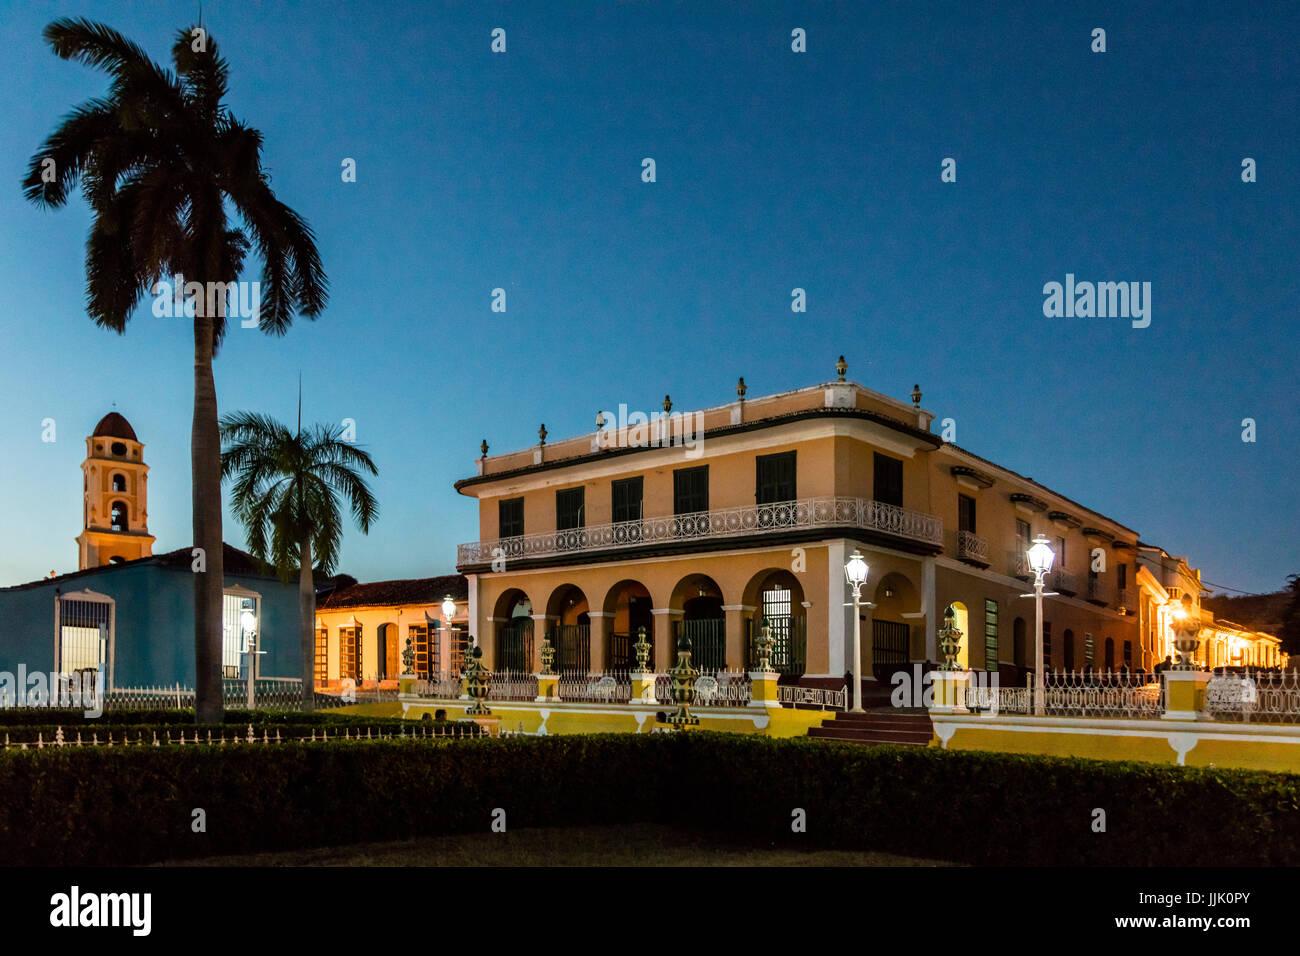 Le MUSEO ROMANTICO est installé dans l'ancien Palacio Brunet sur la Plaza Mayor - Trinidad, Cuba Photo Stock